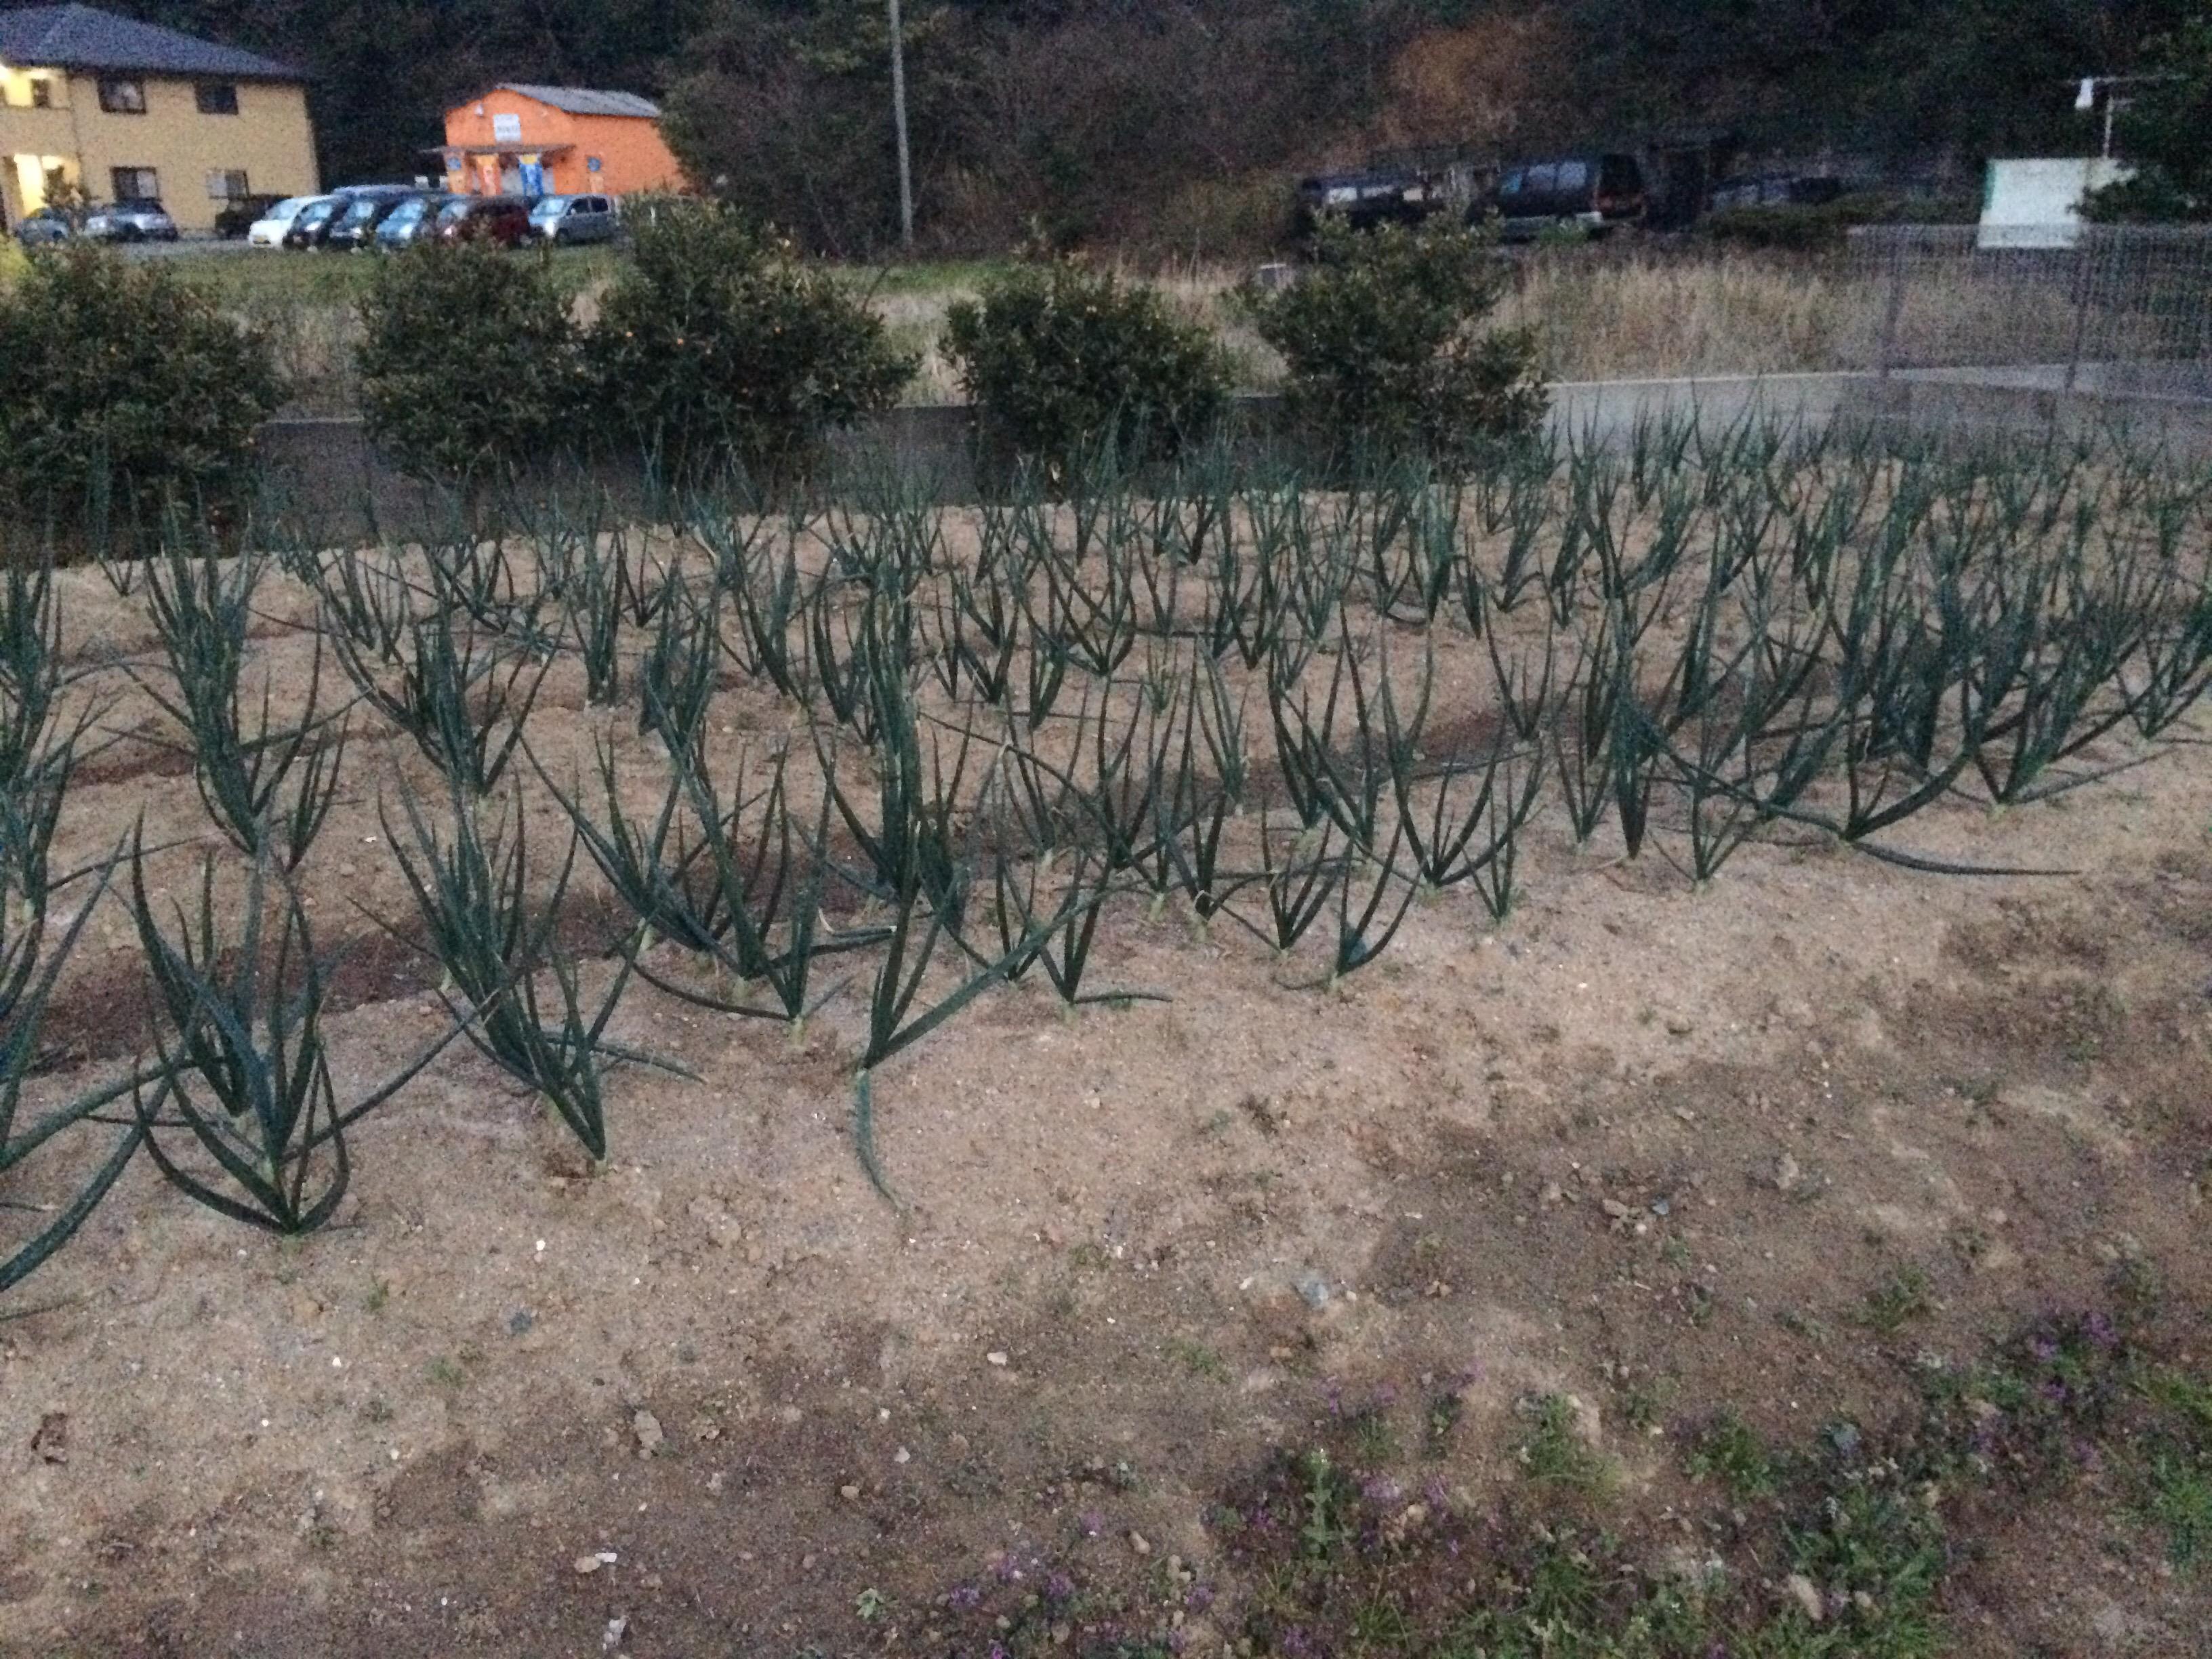 img 0359 - ぐうす畑に堆肥が